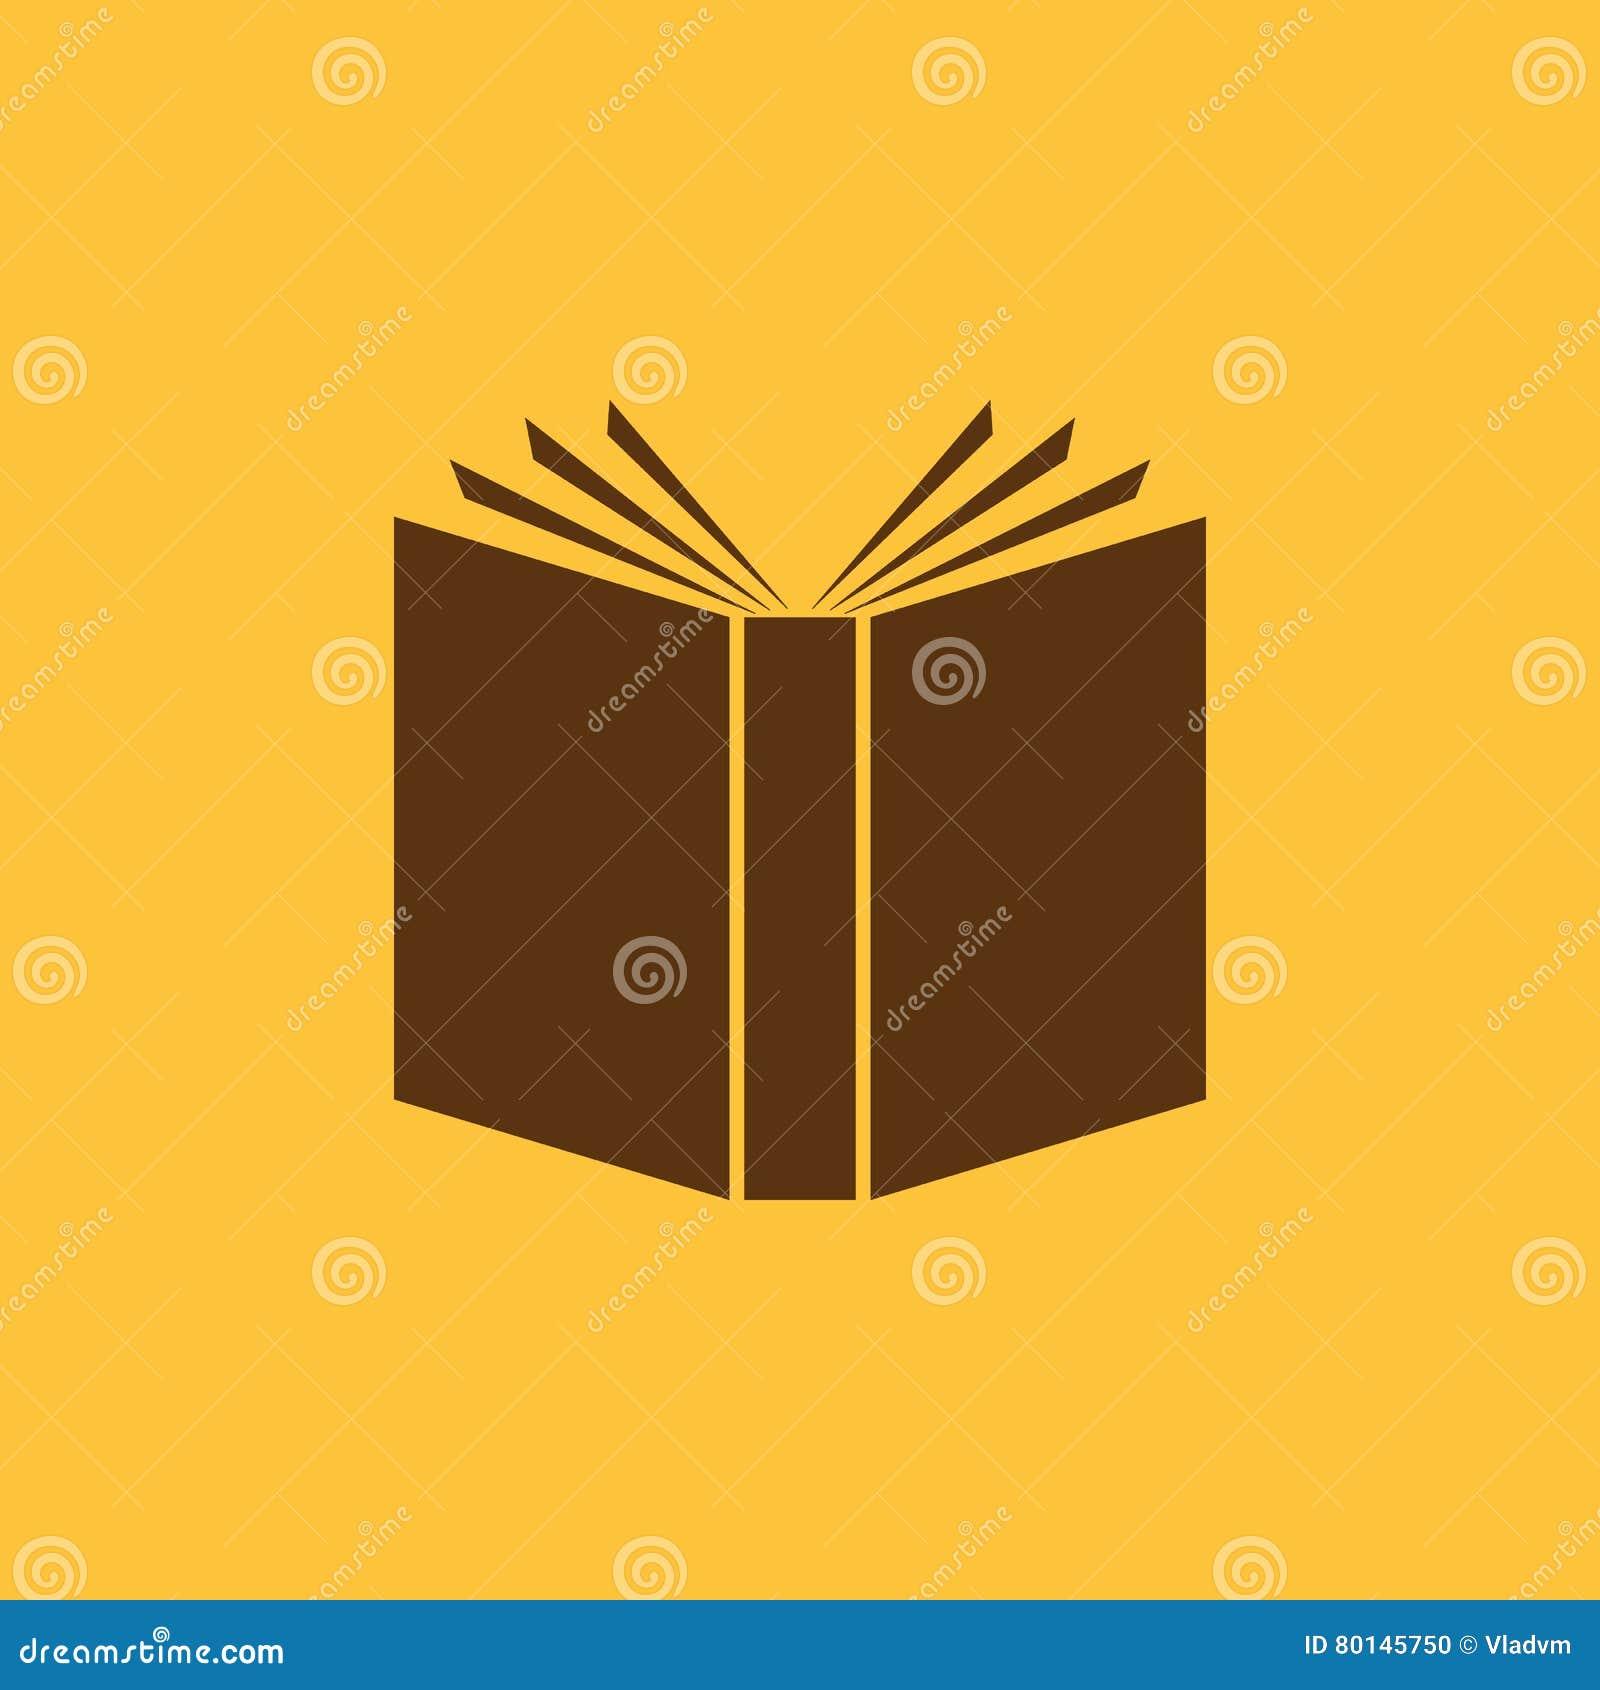 Icone De Livre Conception De Vecteur Bibliotheque Symbole De Livre